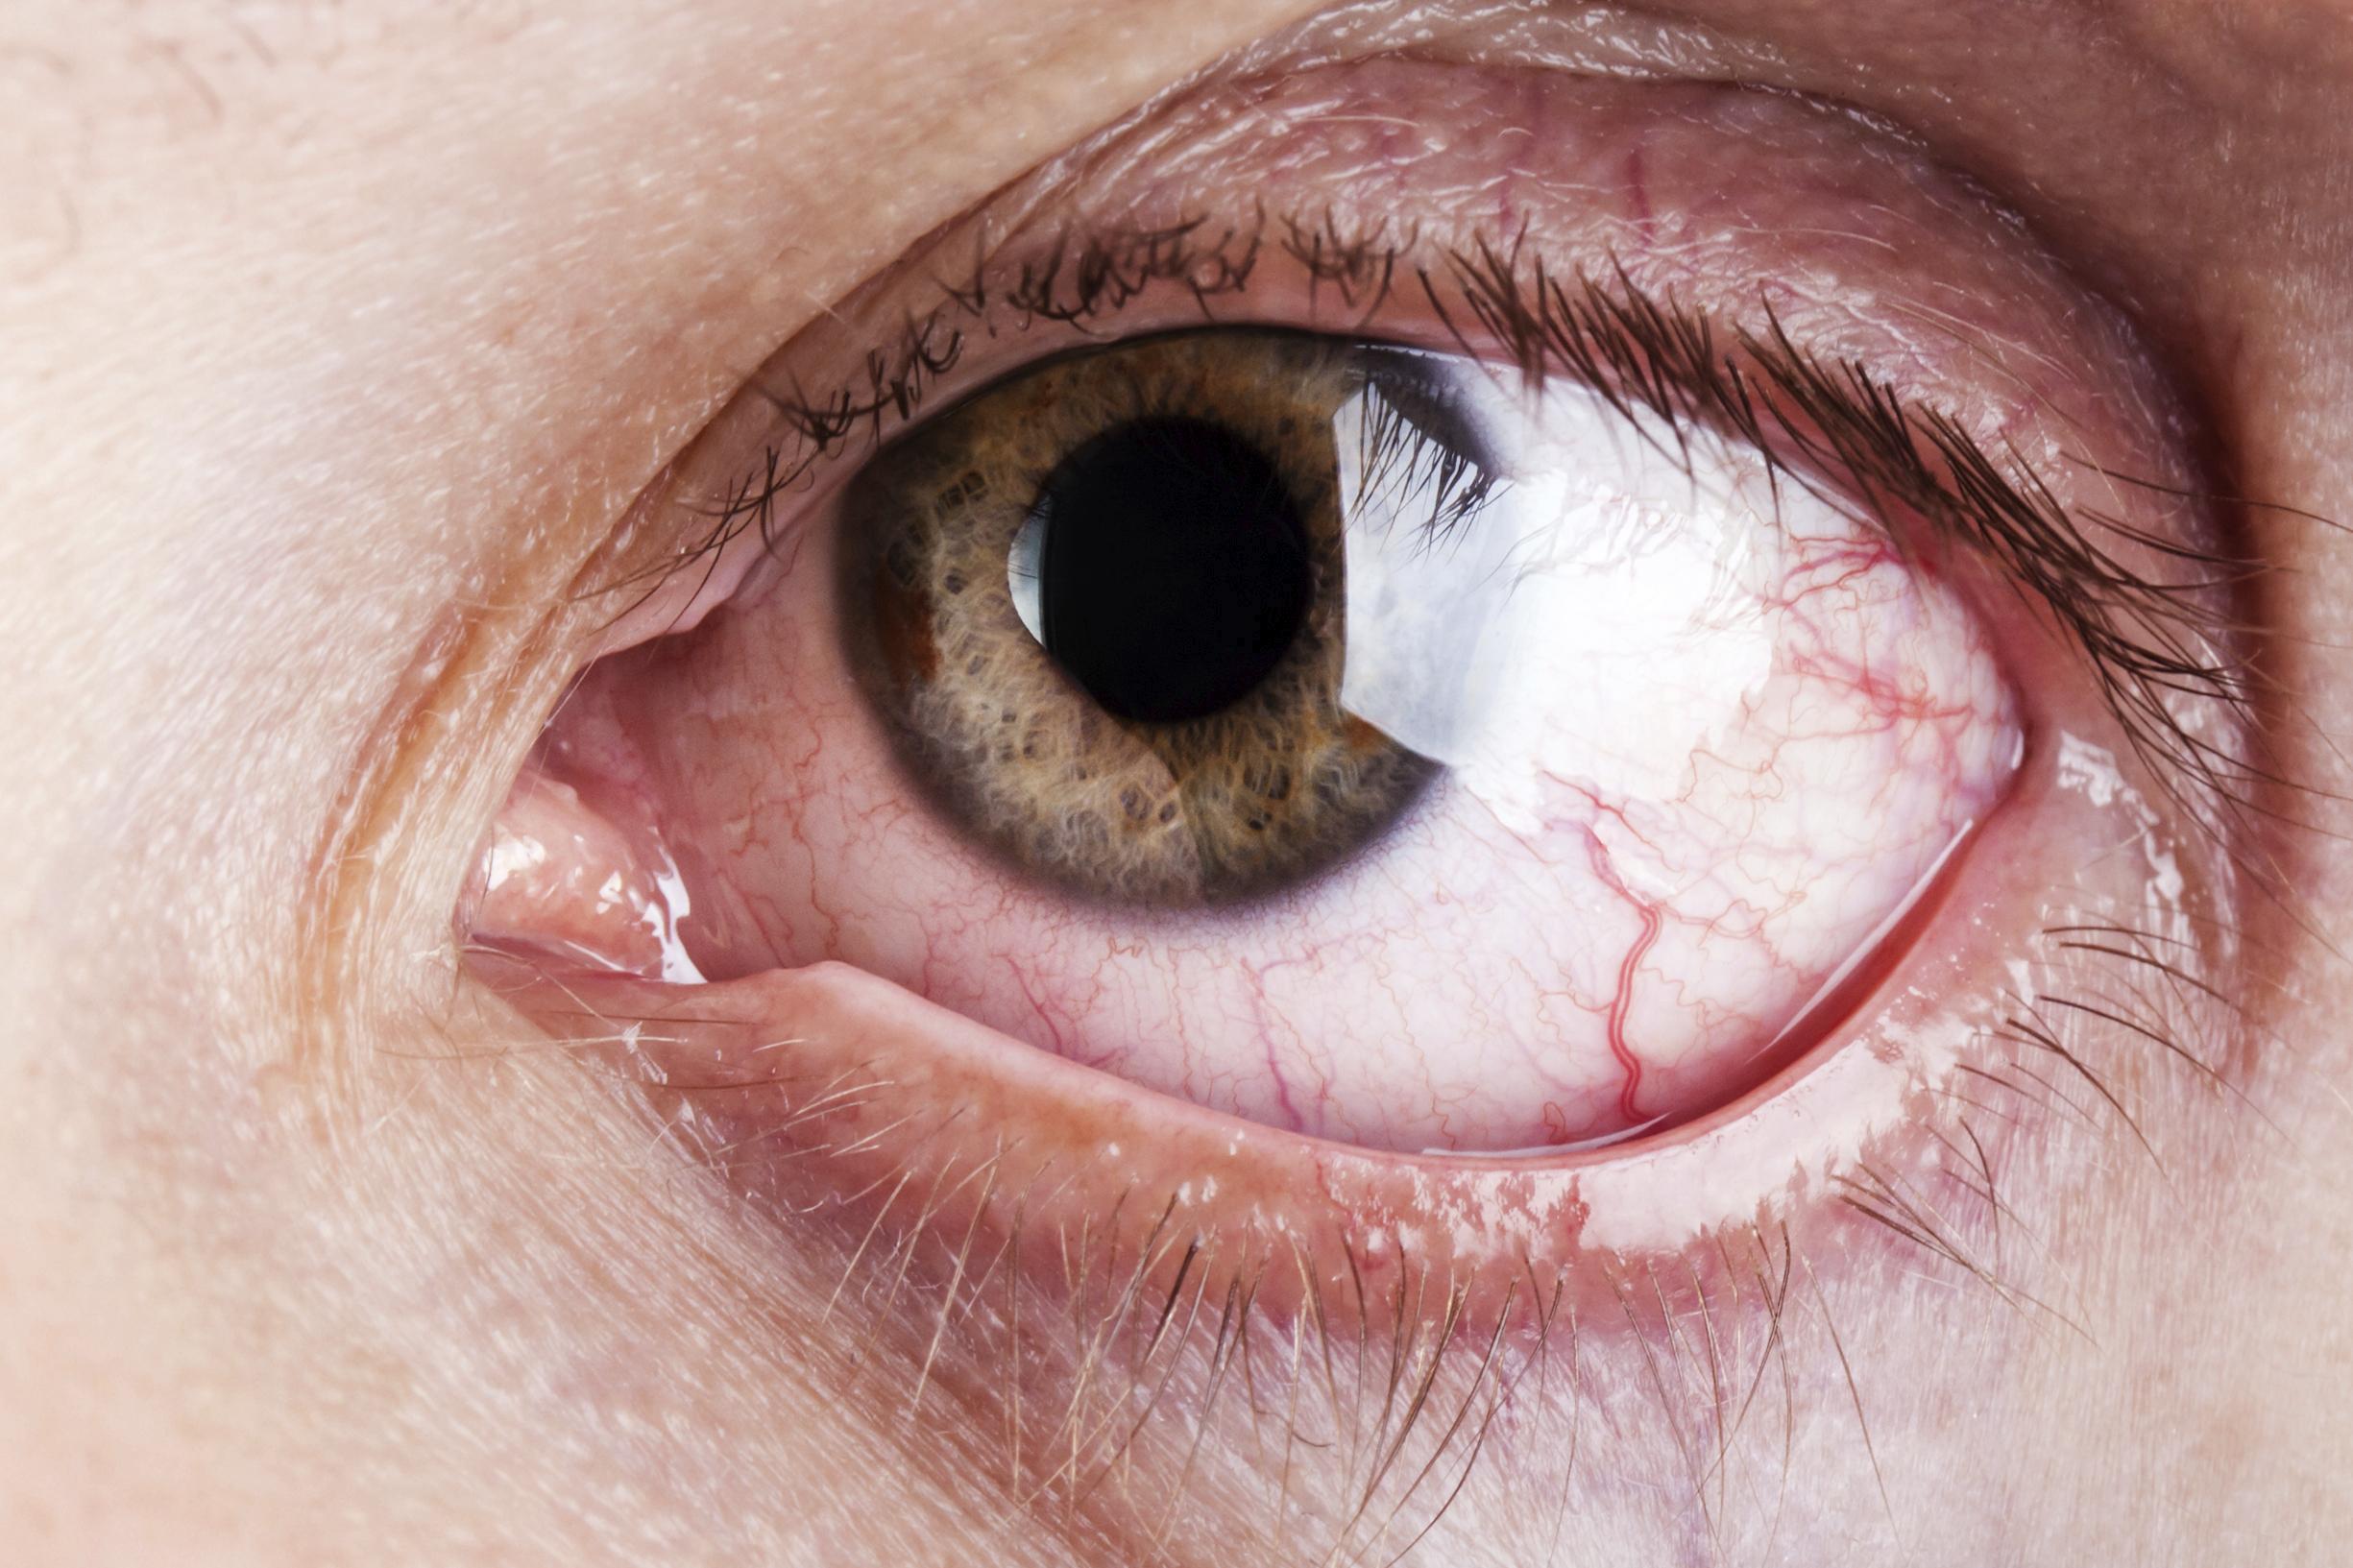 Malasanità Oculistica: ottenuto risarcimento danni di 510 mila €